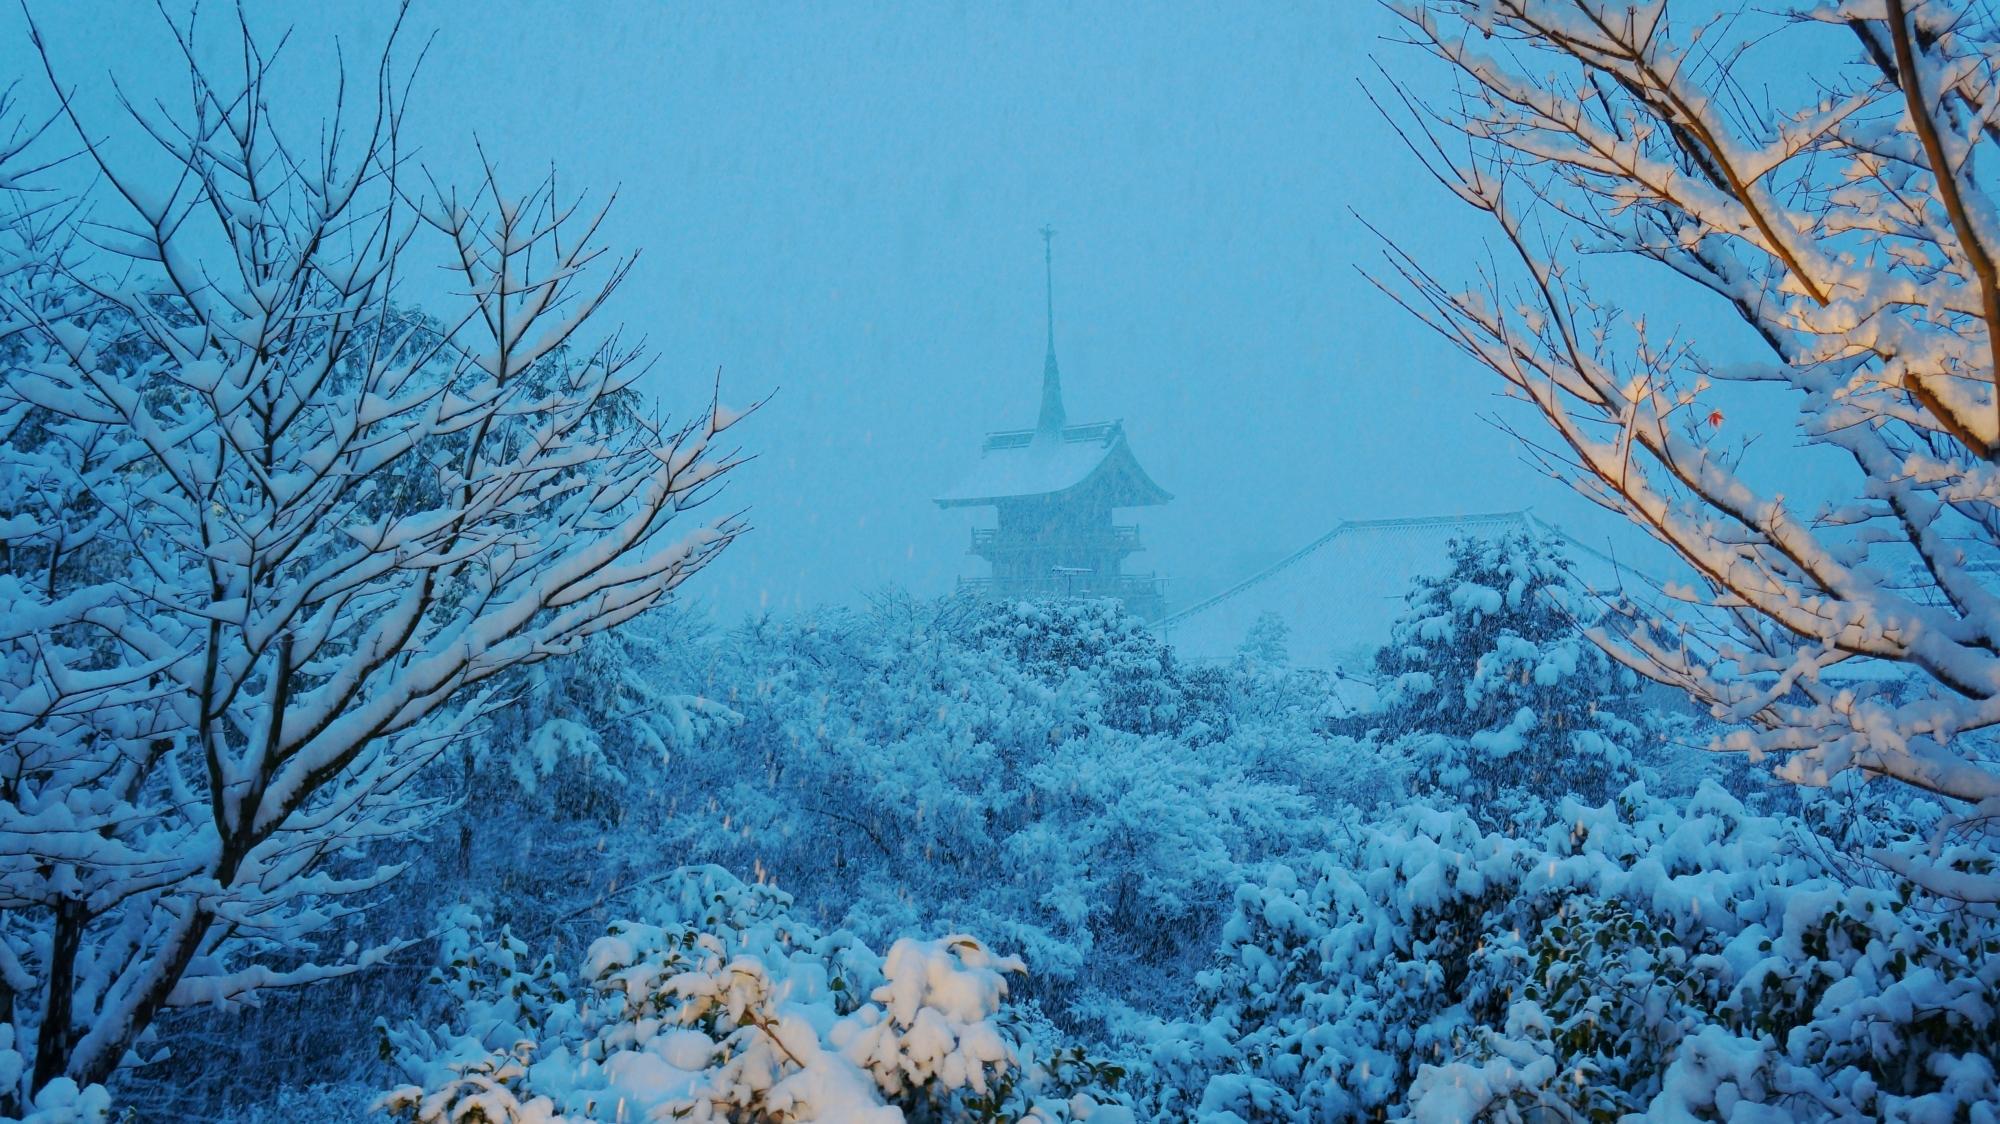 高台寺から眺める雪化粧の祇園閣